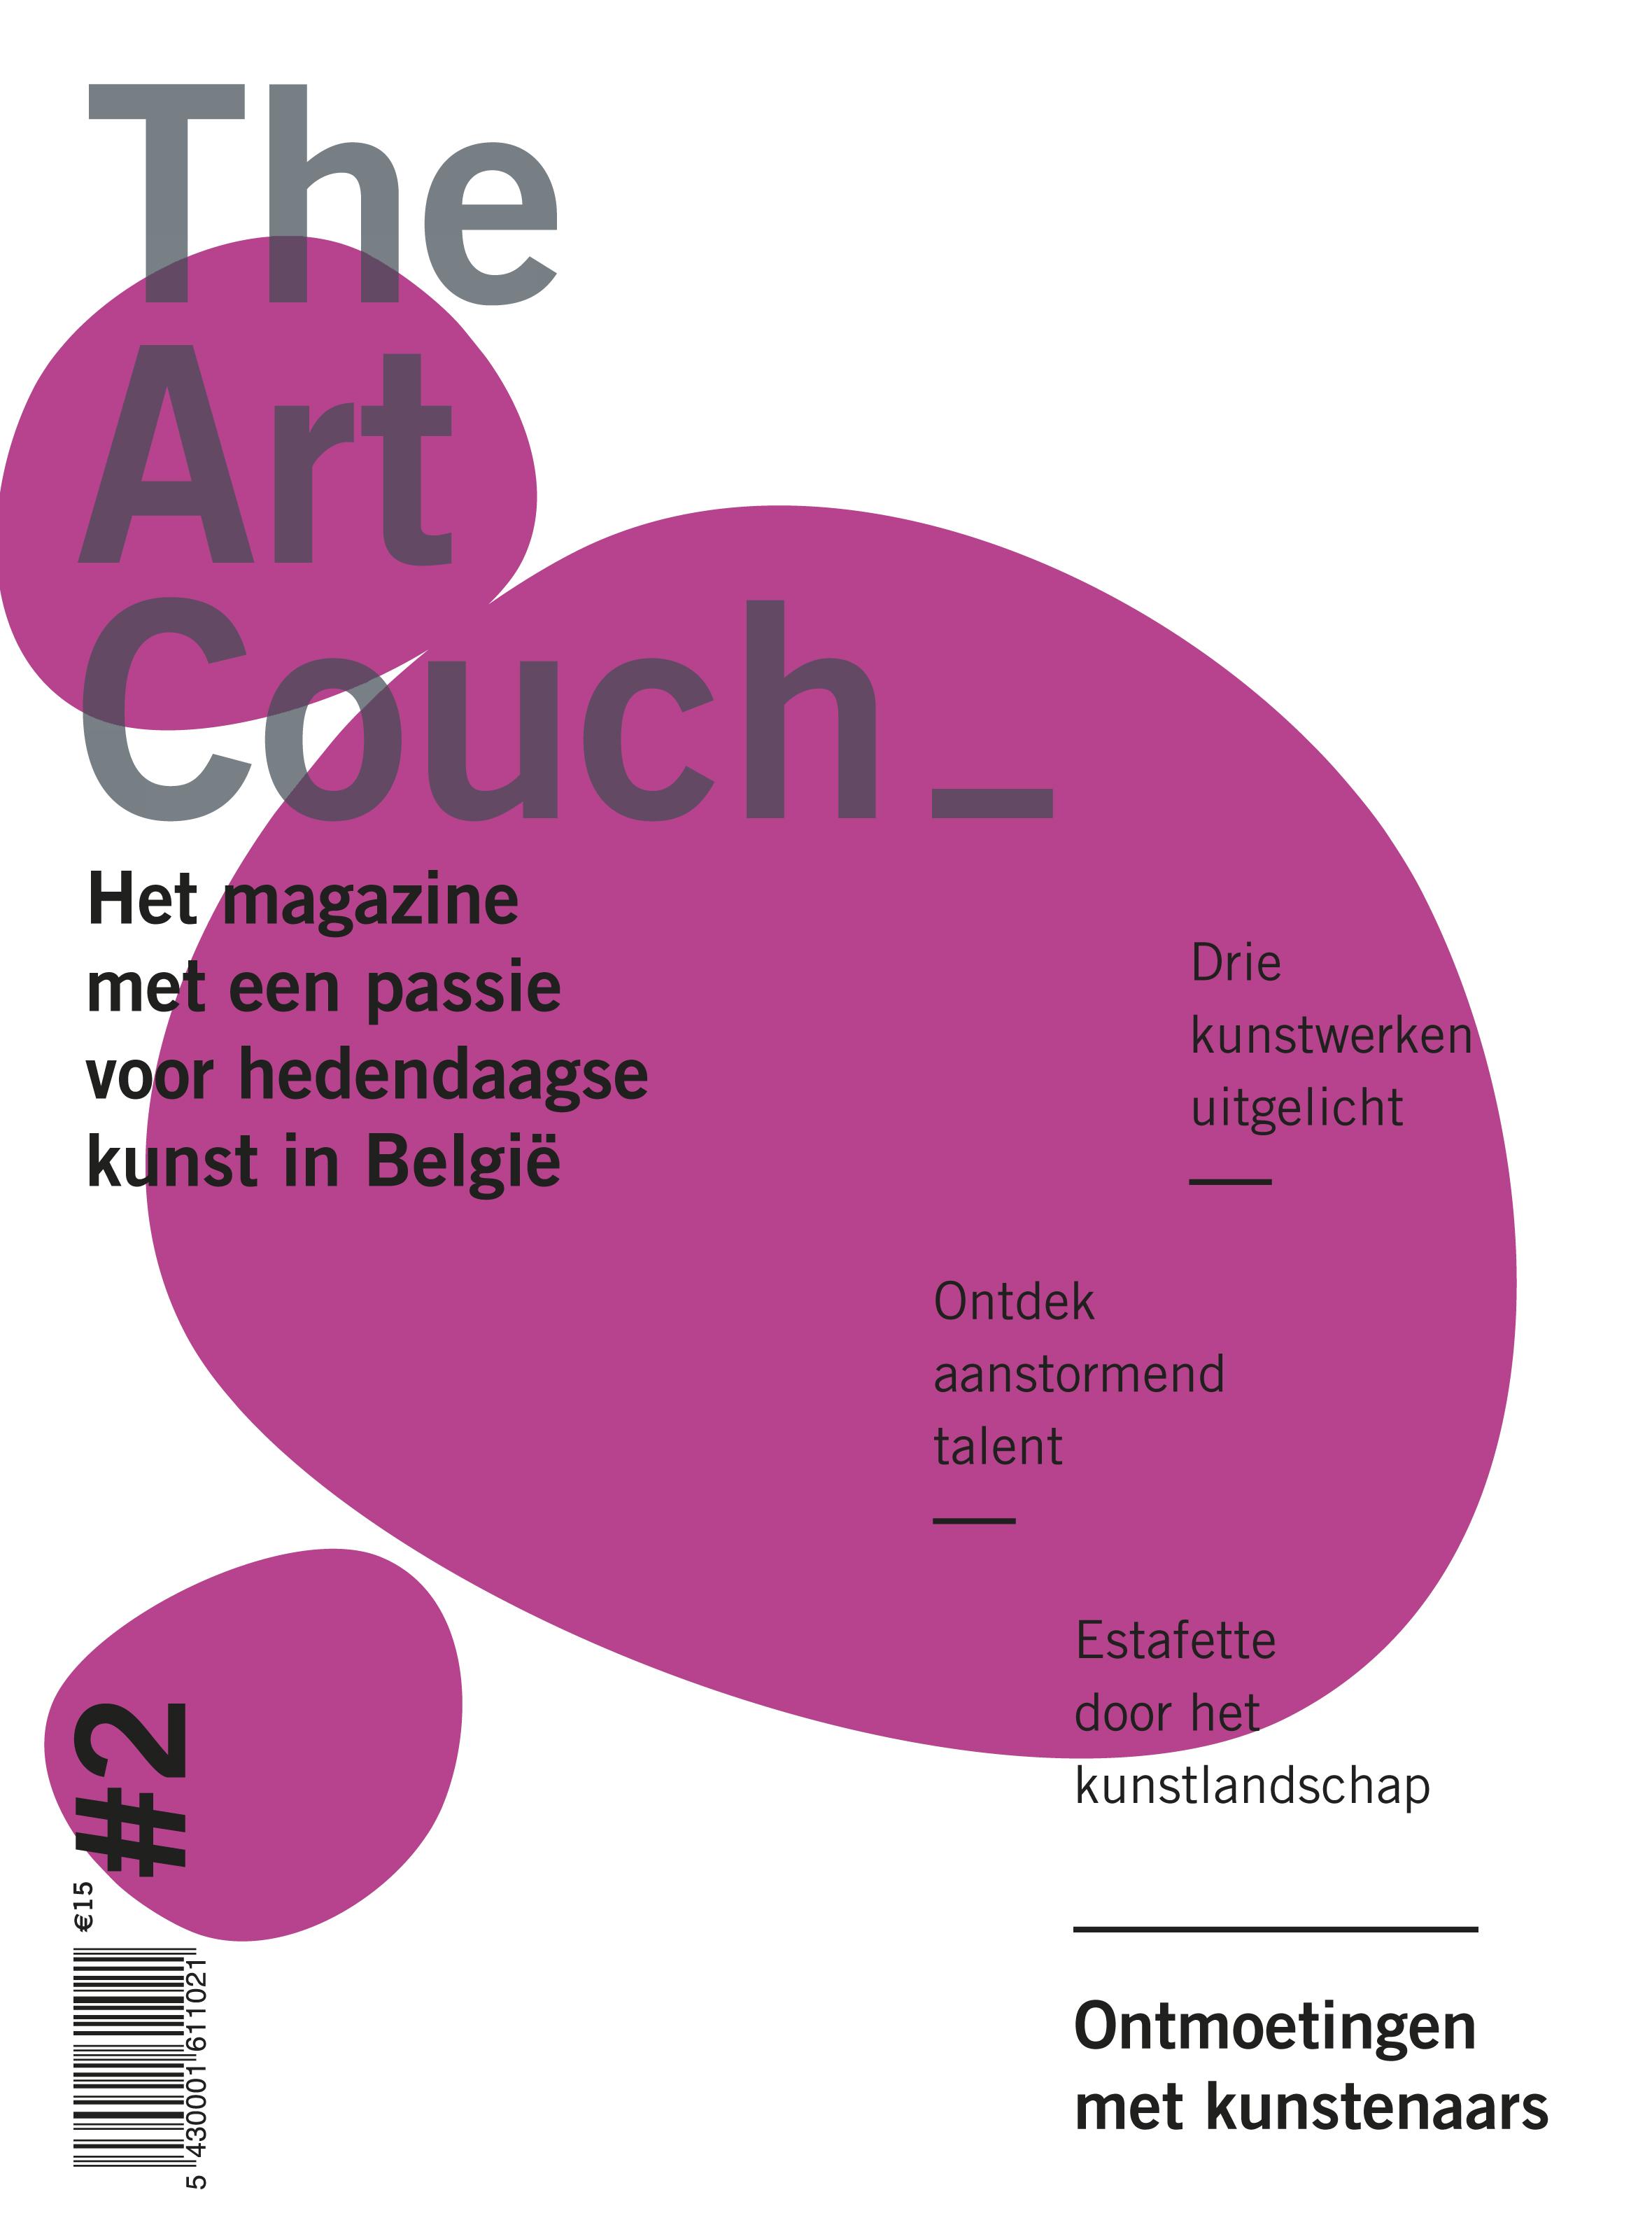 Een nieuw magazine over hedendaagse kunst in België!